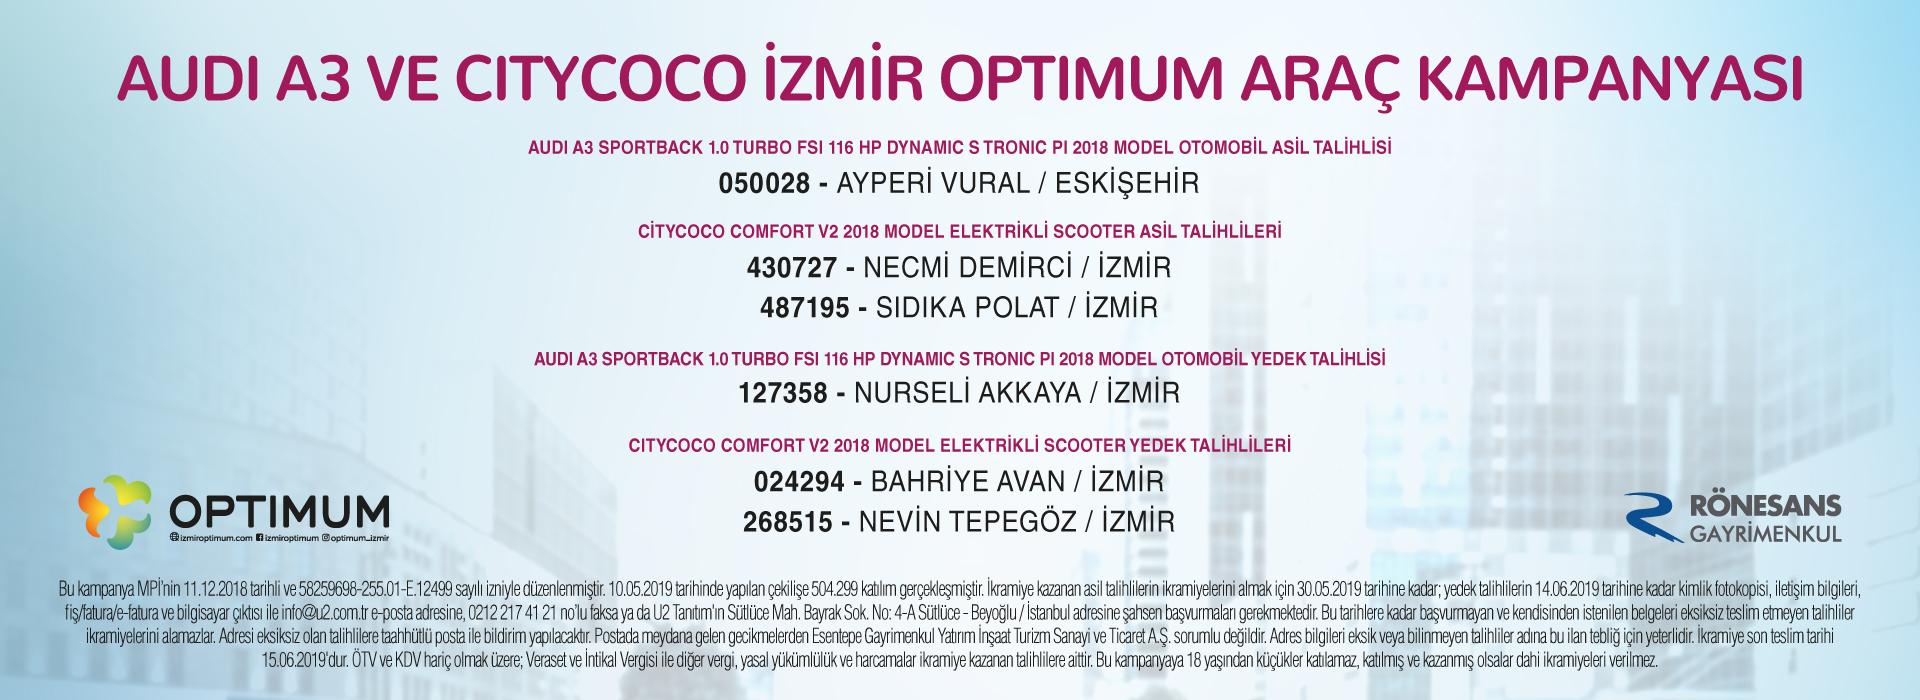 Audi A3 ve Citycoco İzmir Optimum Araç Kampanyası Çekiliş Sonuçları